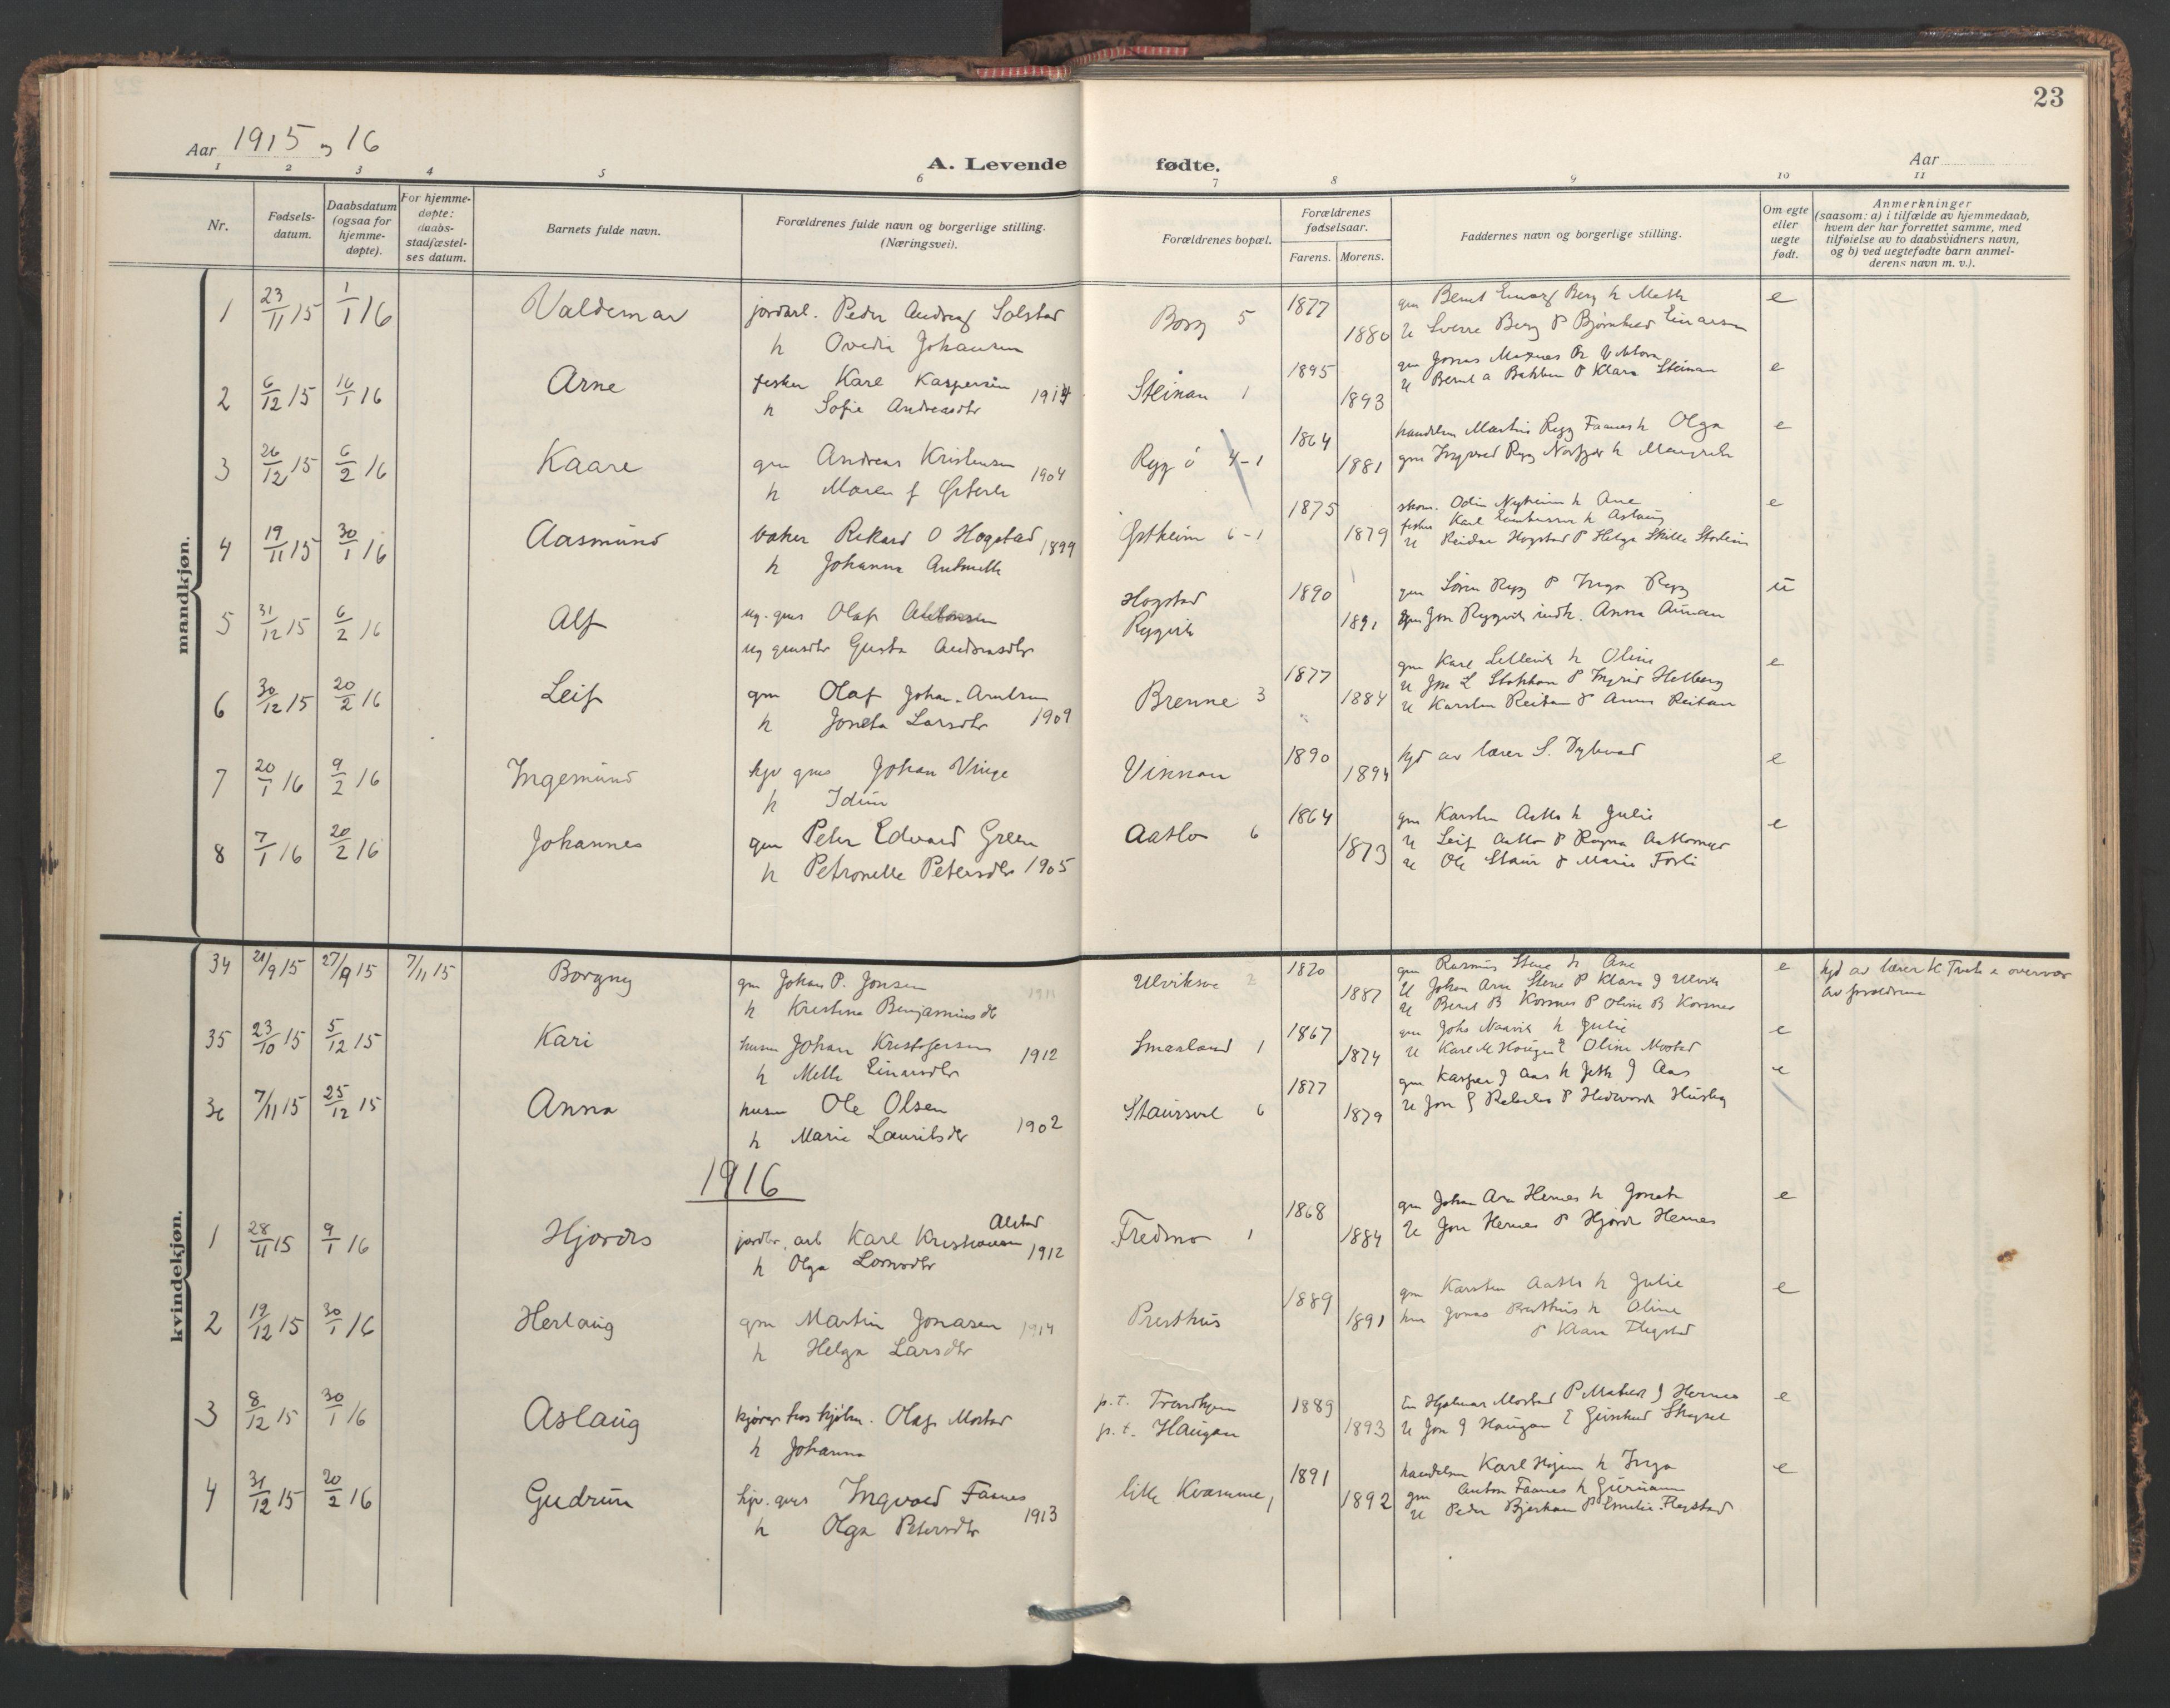 SAT, Ministerialprotokoller, klokkerbøker og fødselsregistre - Nord-Trøndelag, 713/L0123: Ministerialbok nr. 713A12, 1911-1925, s. 23